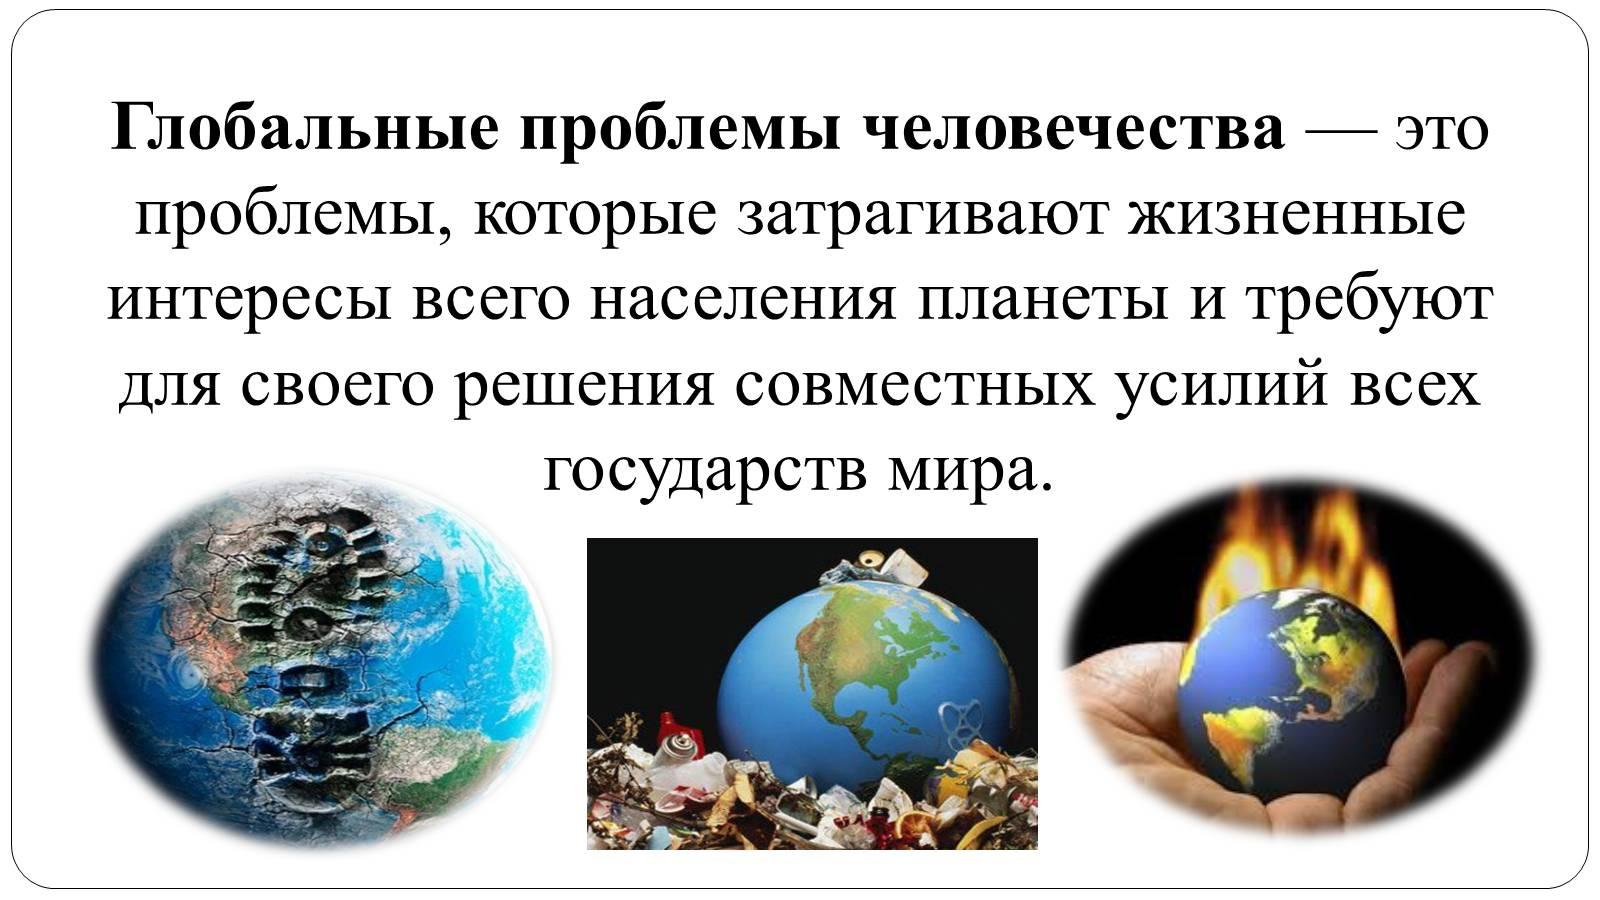 Глобальные проблемы человечества схема